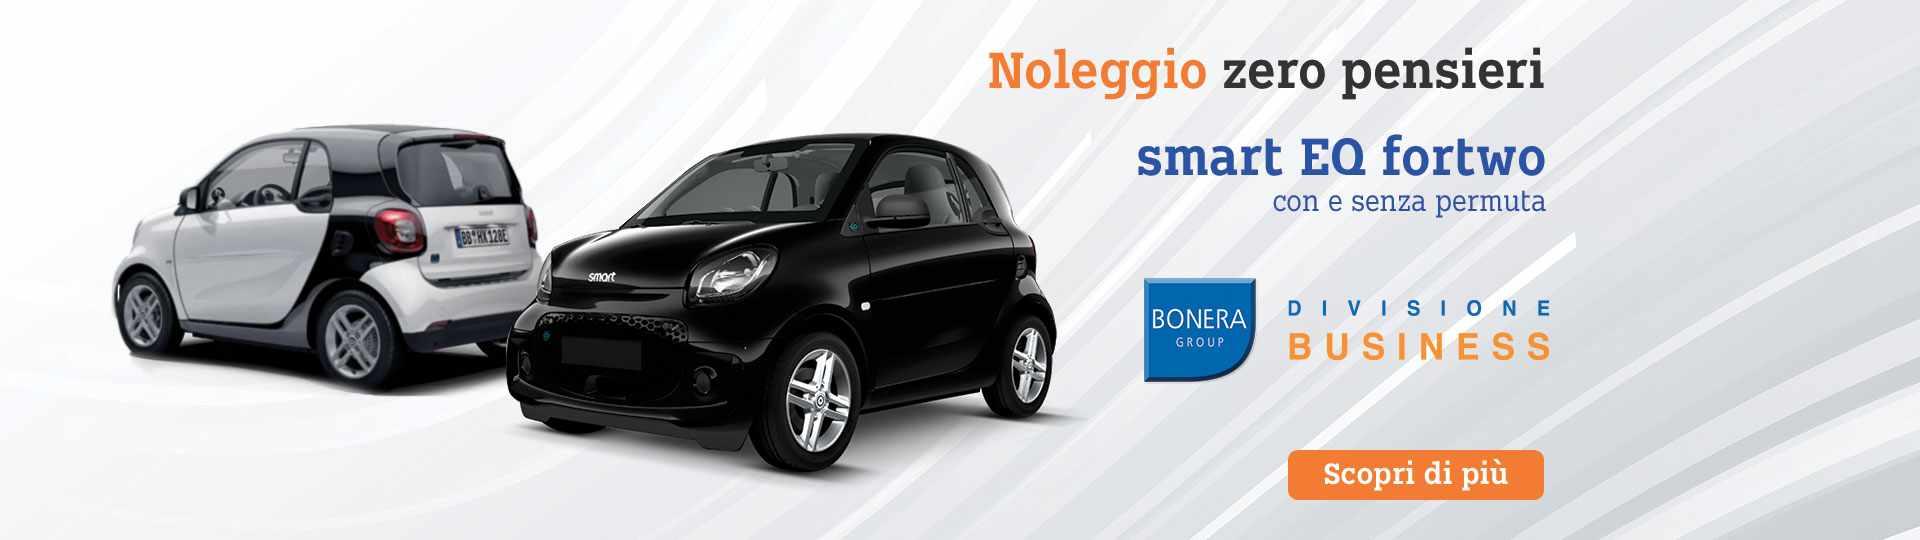 header_smart_noleggio_business_marzo_2021.jpg